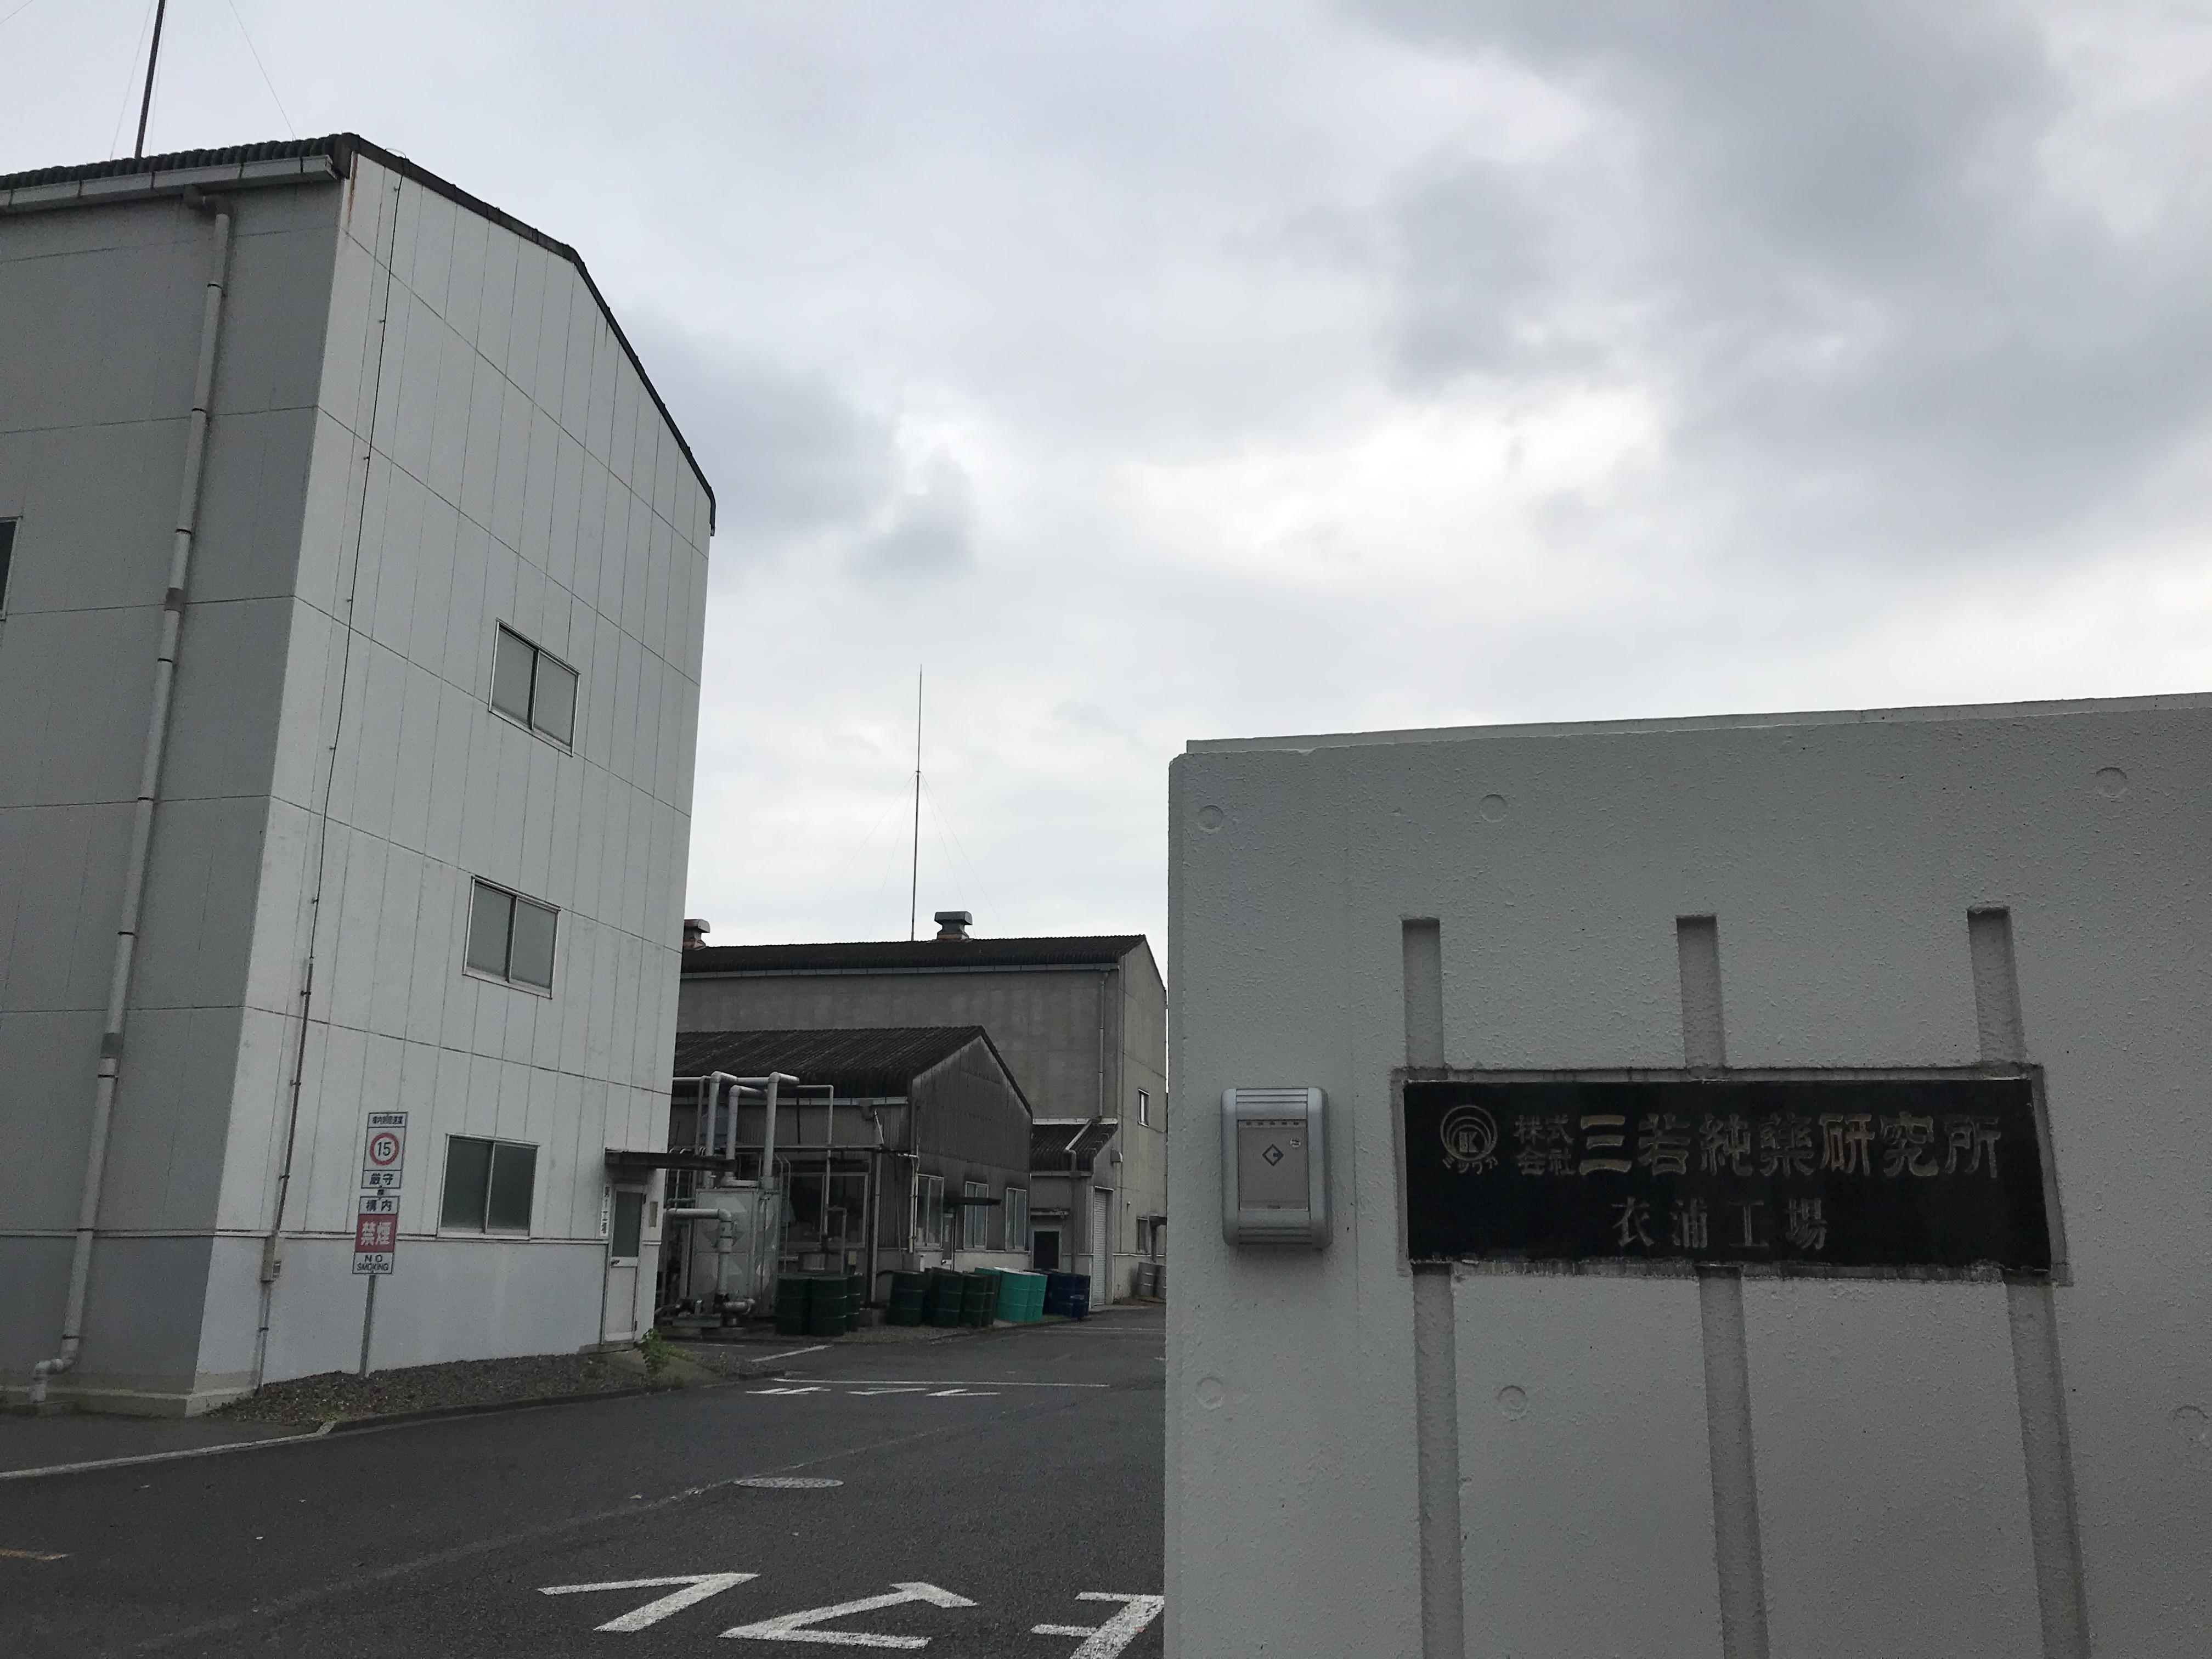 日常清掃+オールチタンコーティング 愛知県半田市 株式会社三若純薬研究所 衣浦工場 様